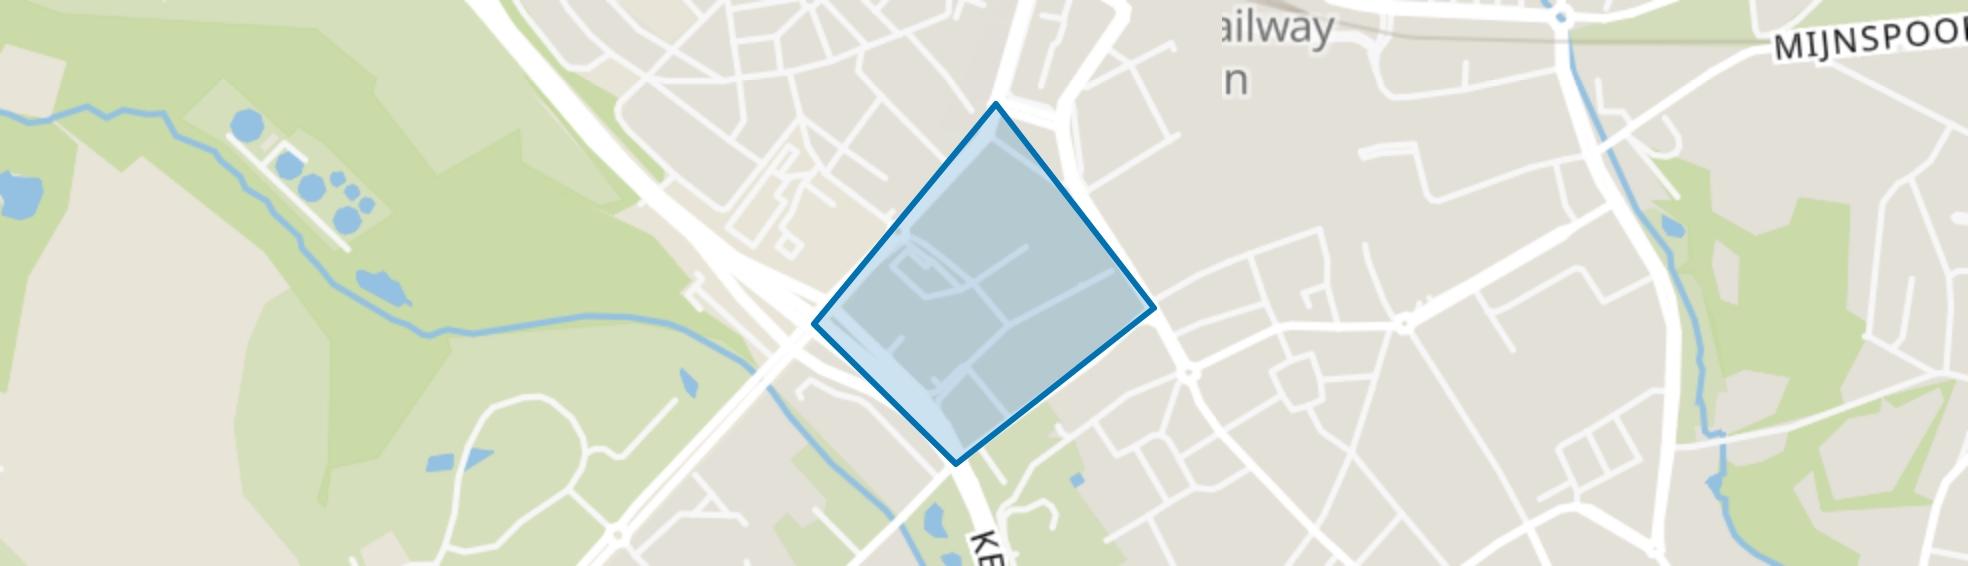 't Loon, Heerlen map